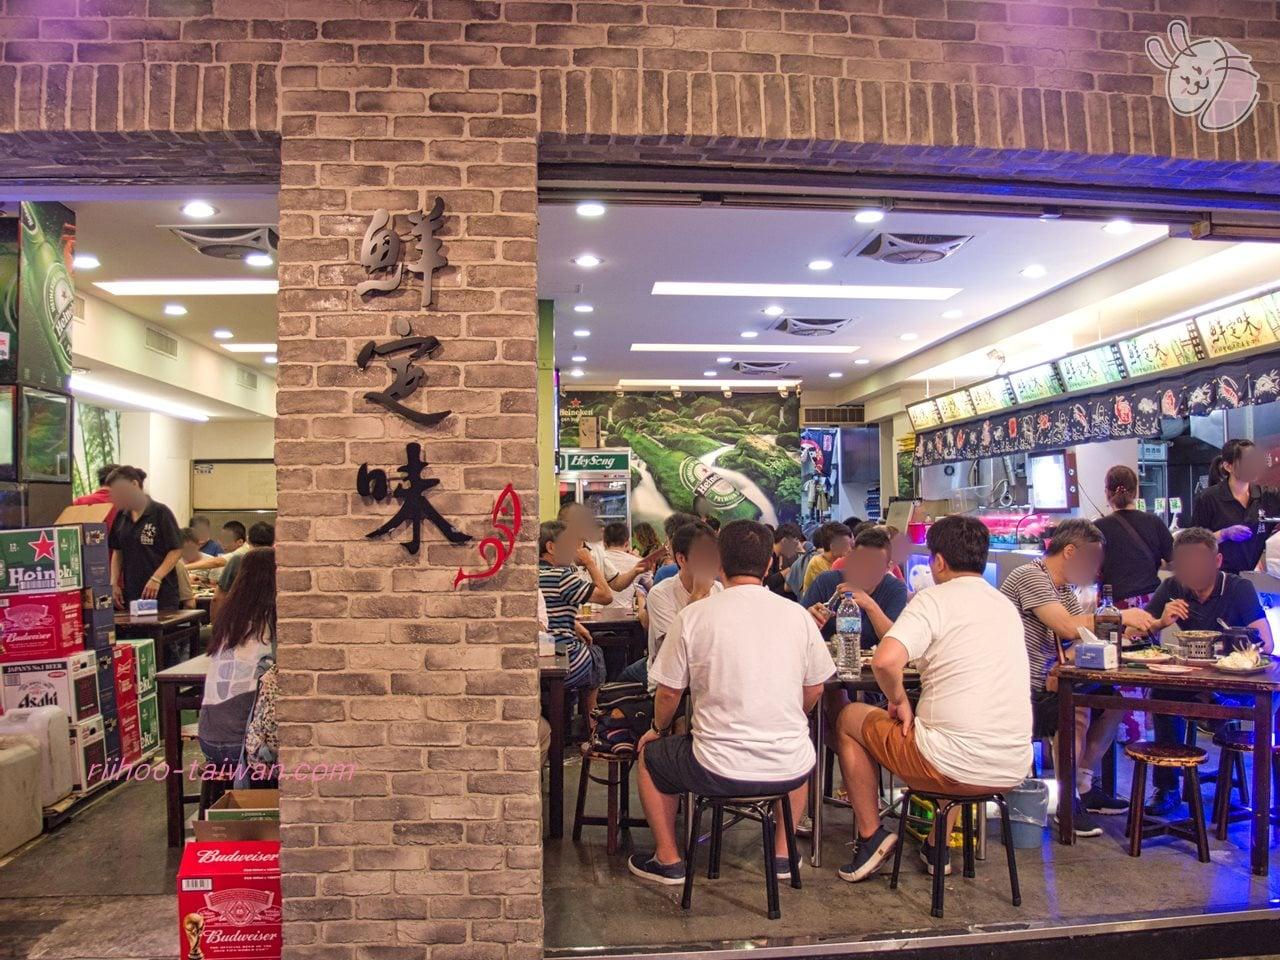 鮮定味生猛海鮮 (錦州店) 帰る頃には満席でした